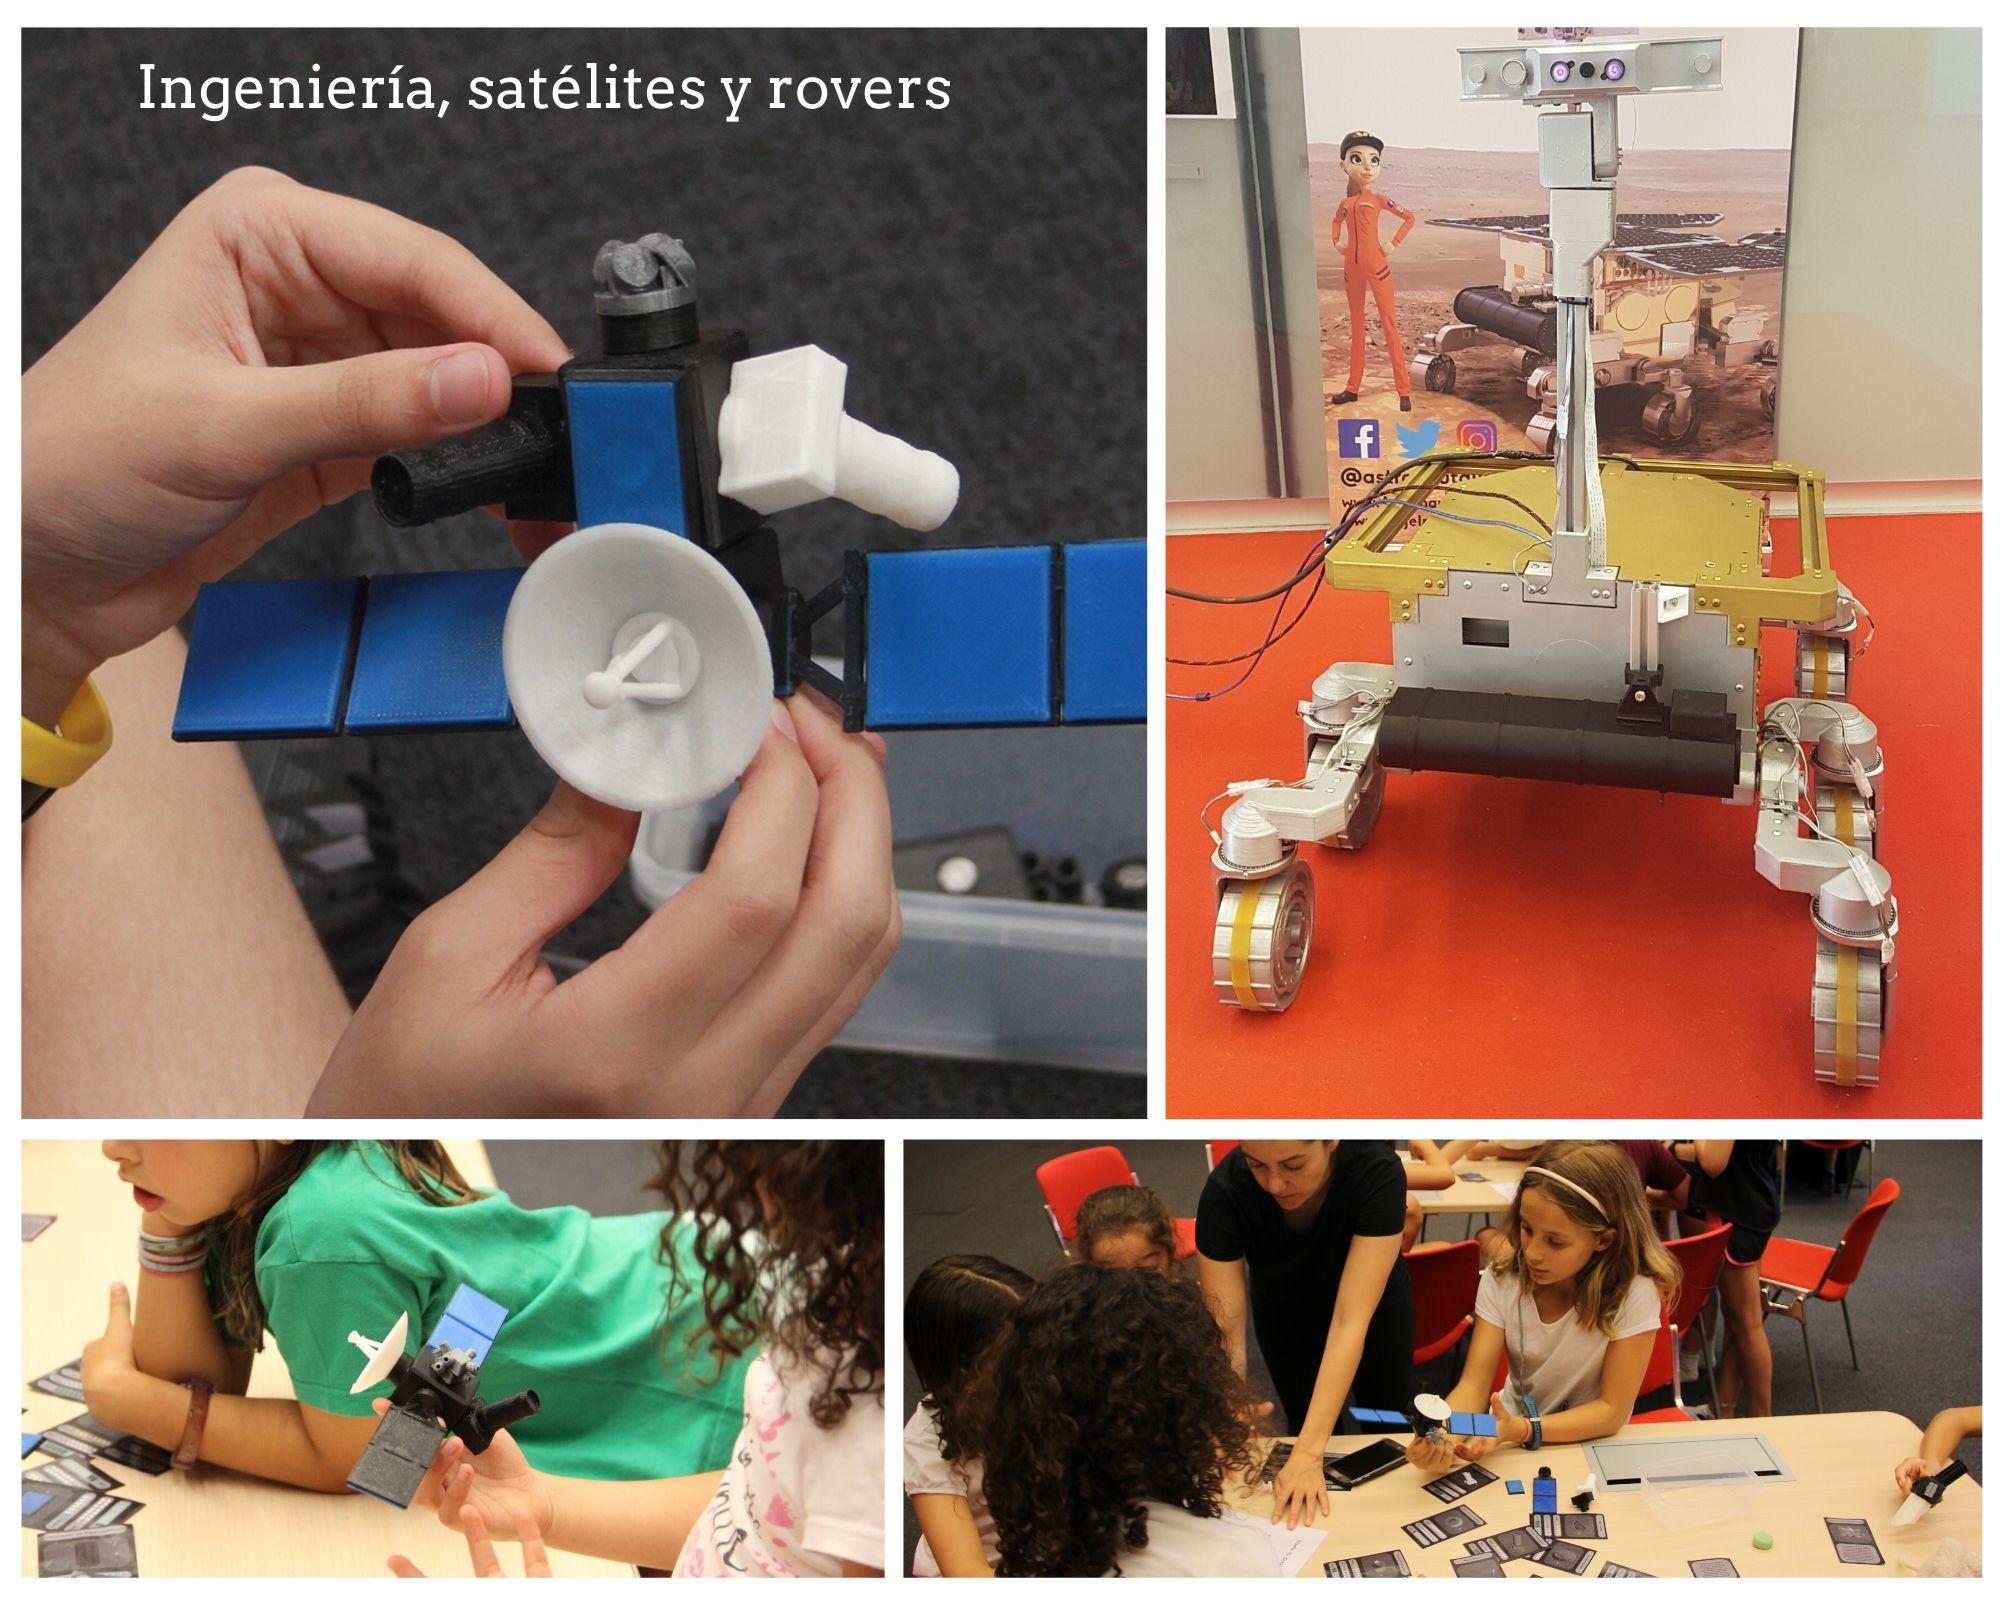 Ingeniería y satélites